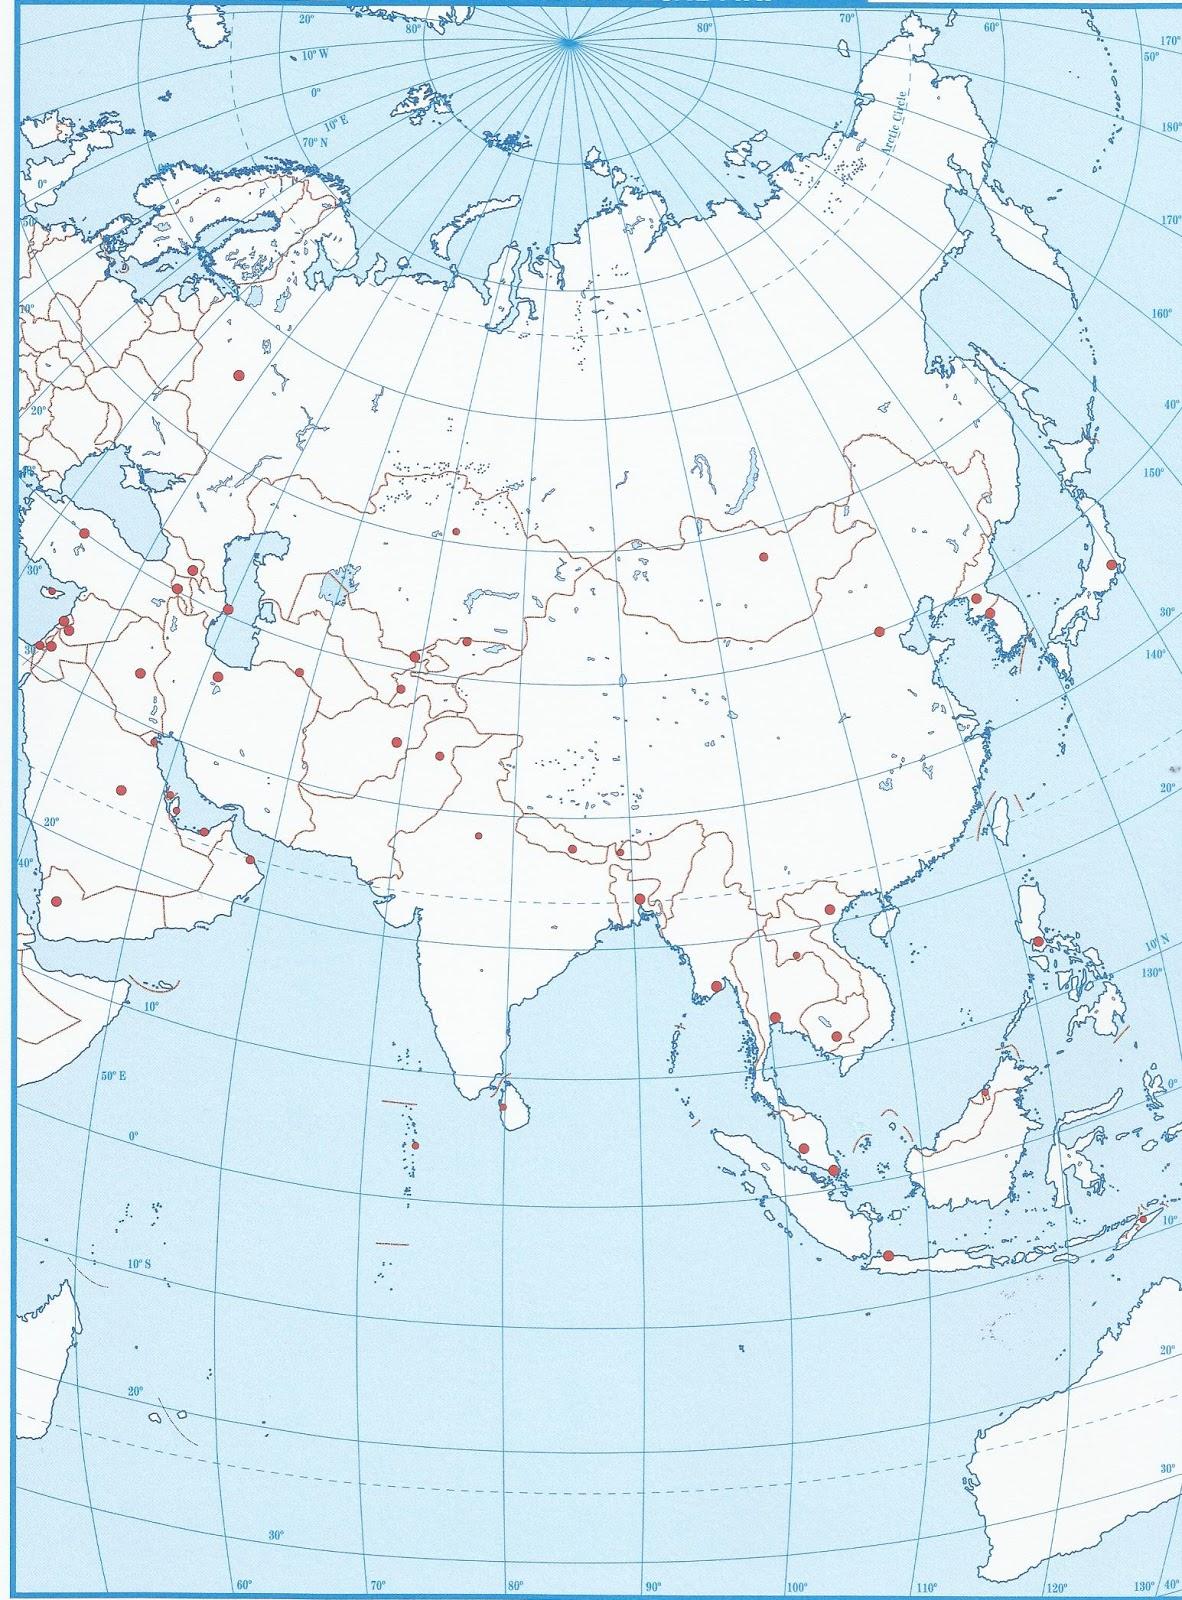 Mapa Esquematico De Asia